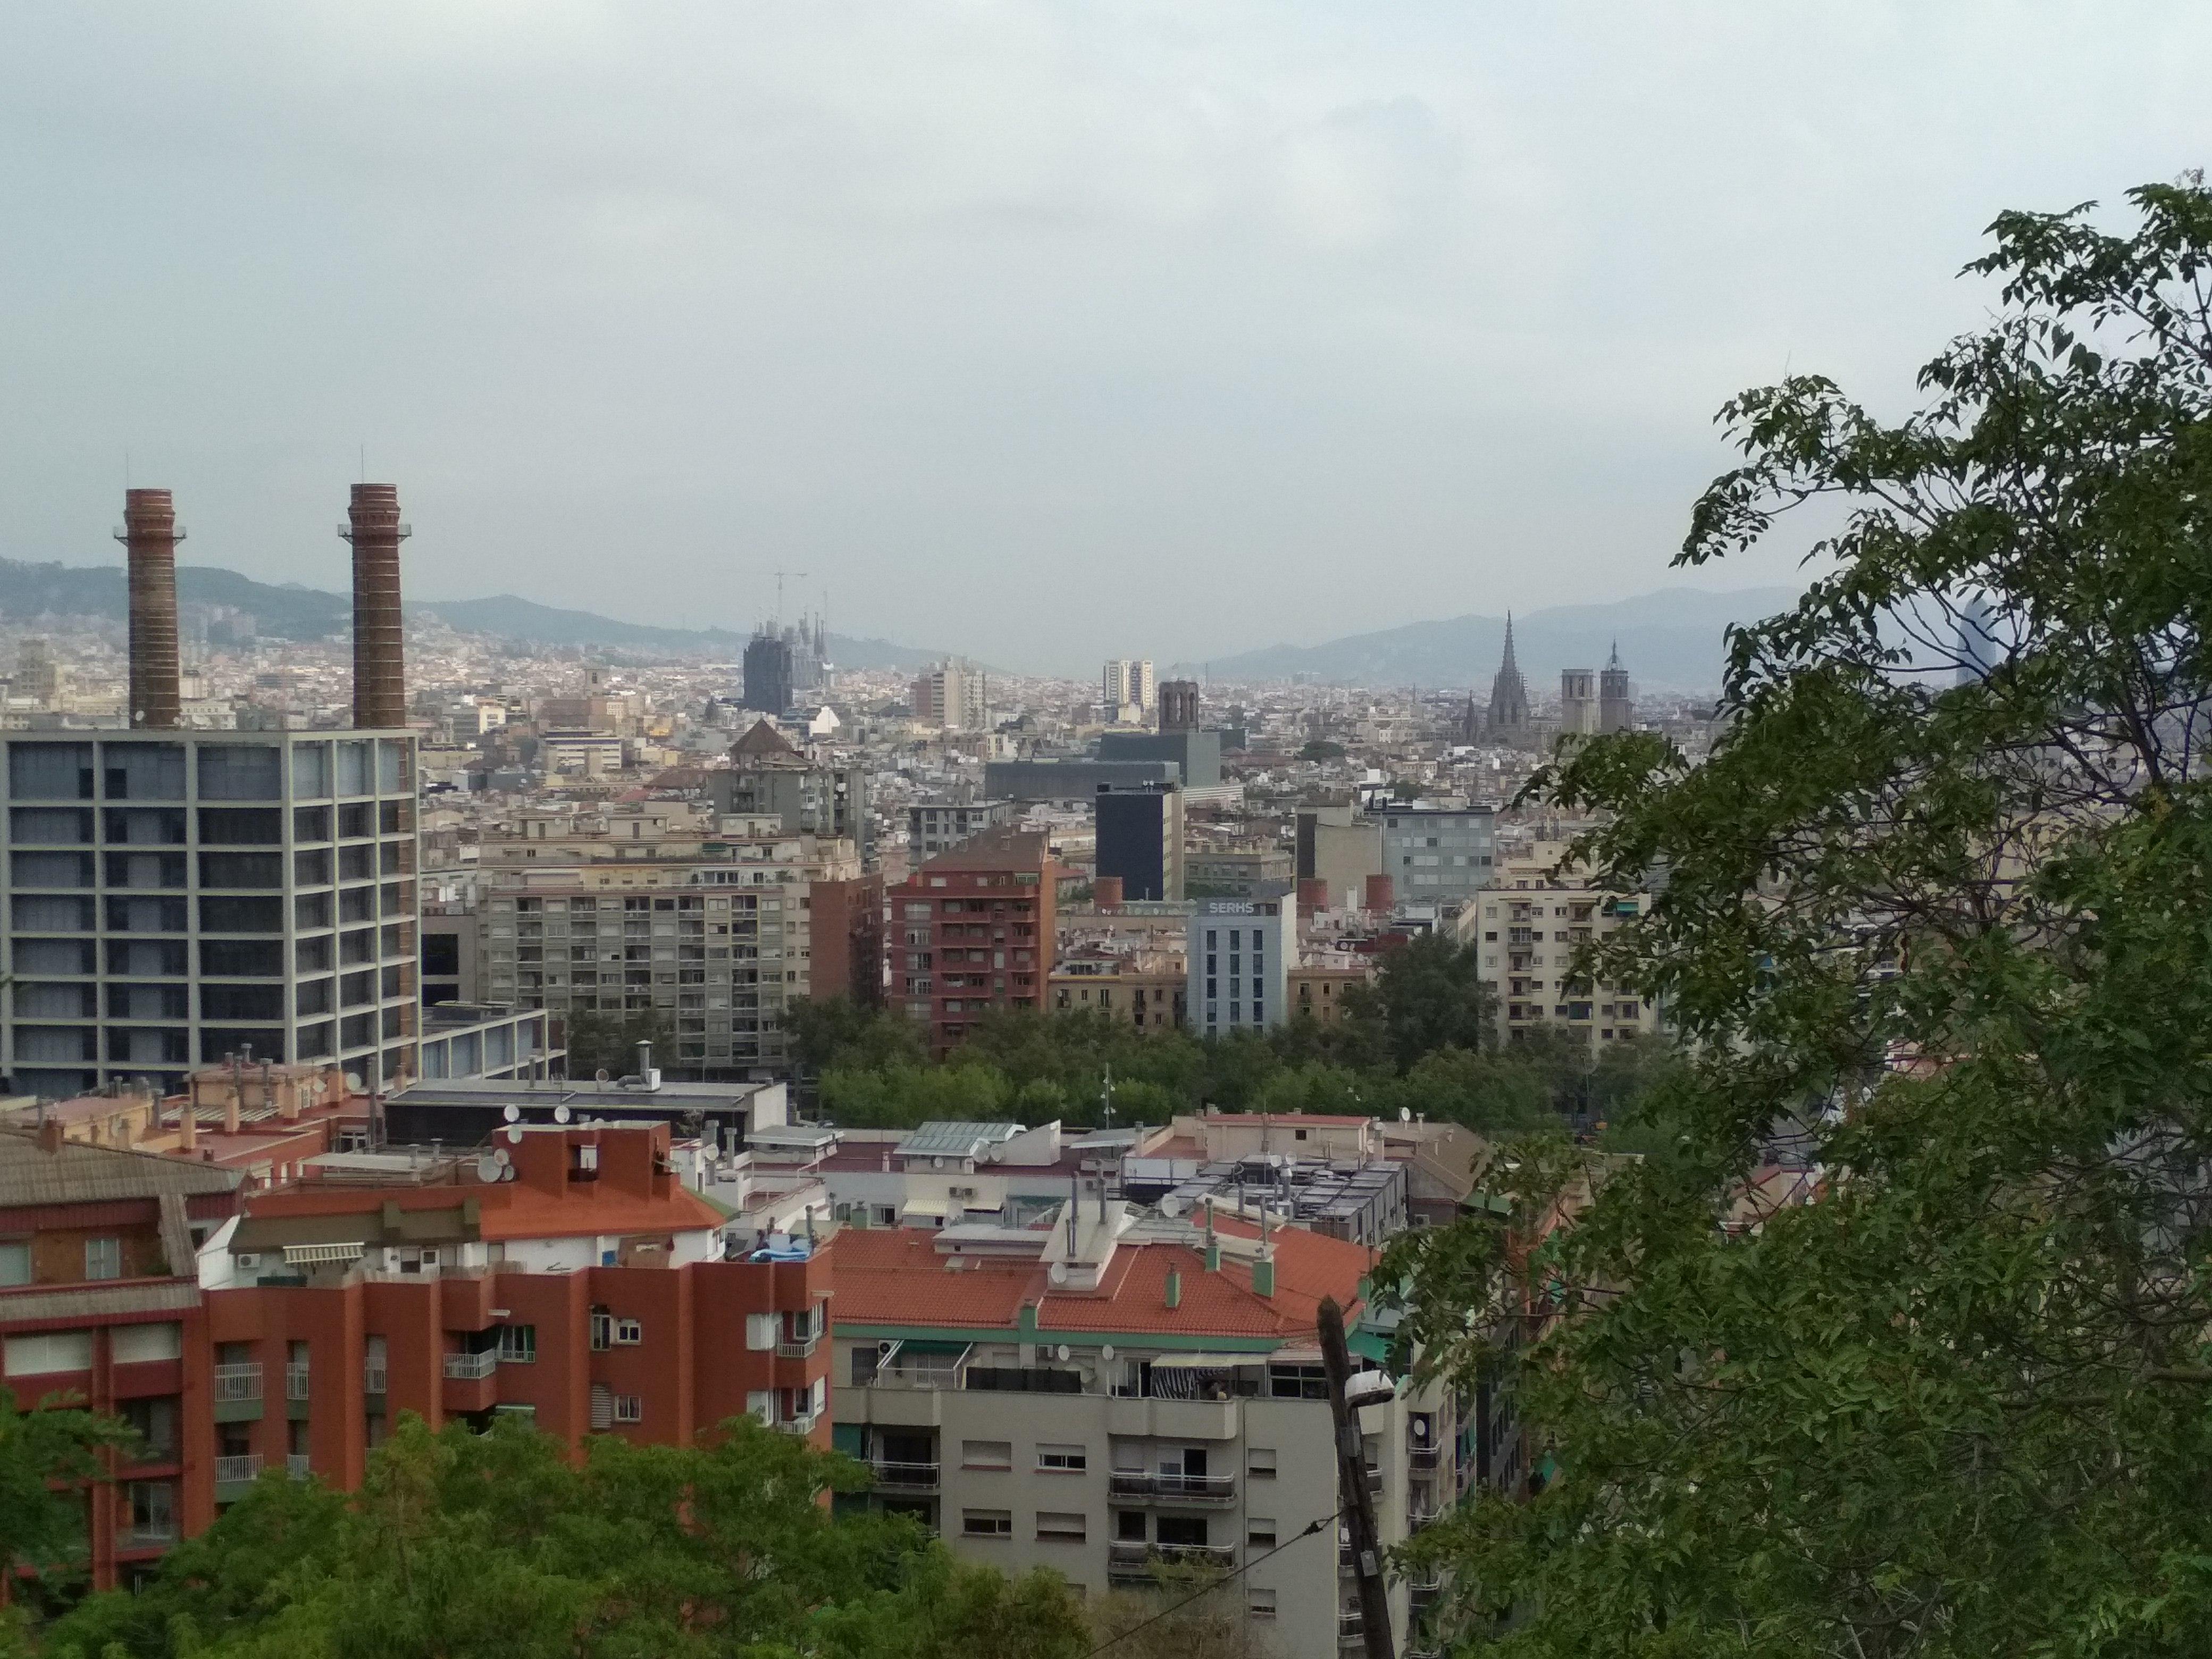 Монжуик - гора в Барселоне. Как добраться до горы Монжуик